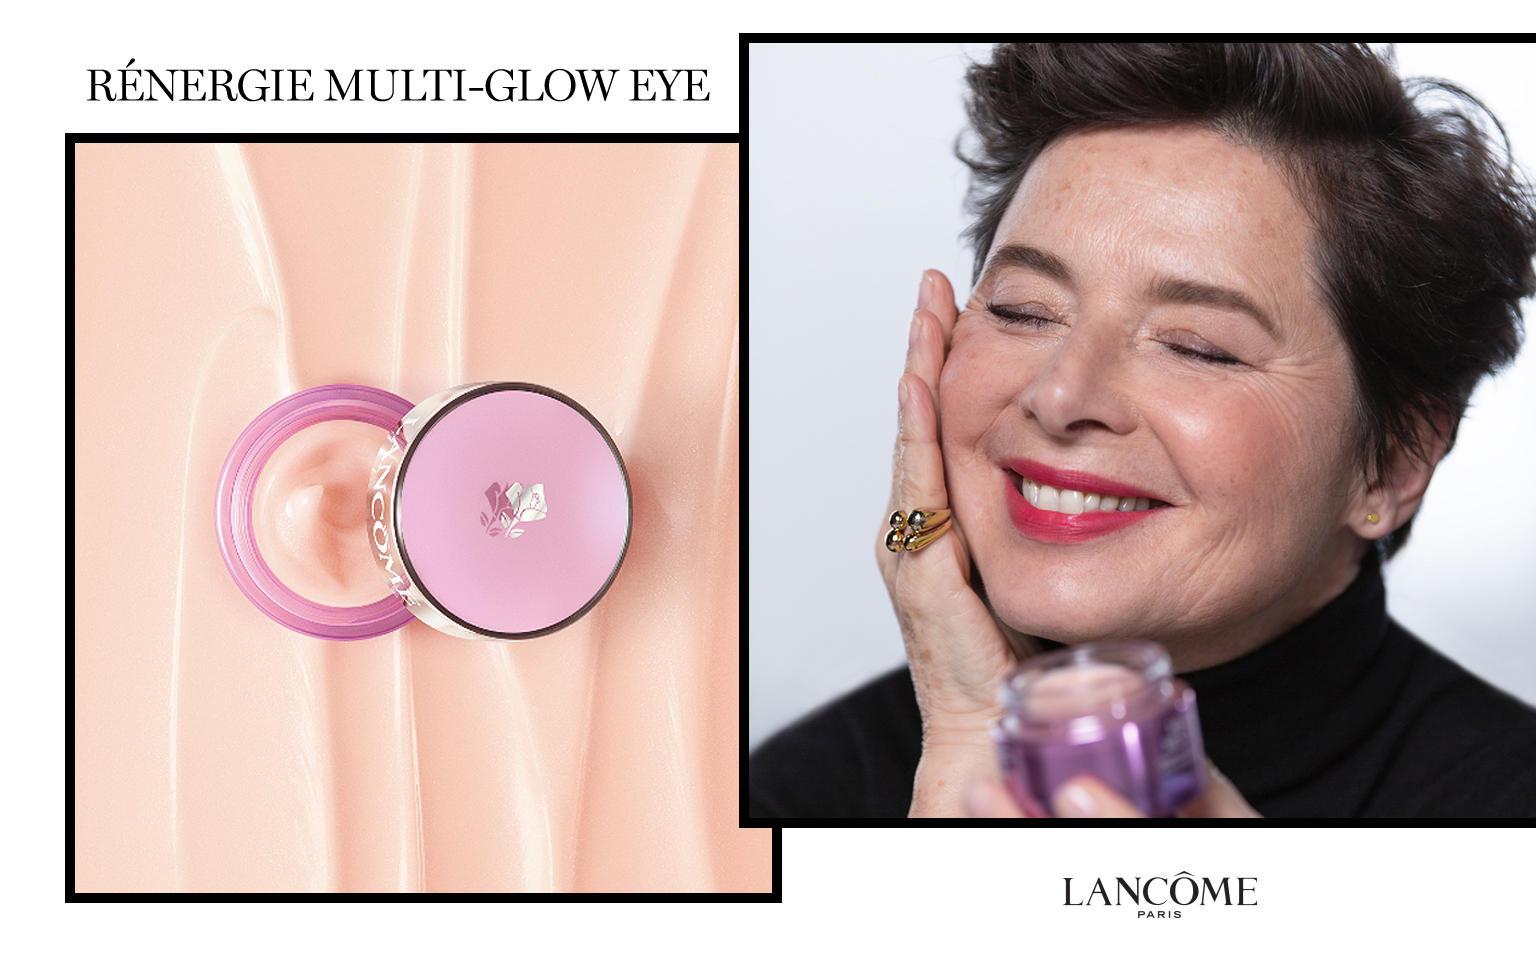 Renergie Multi-Glow Eye. Lancome Paris.